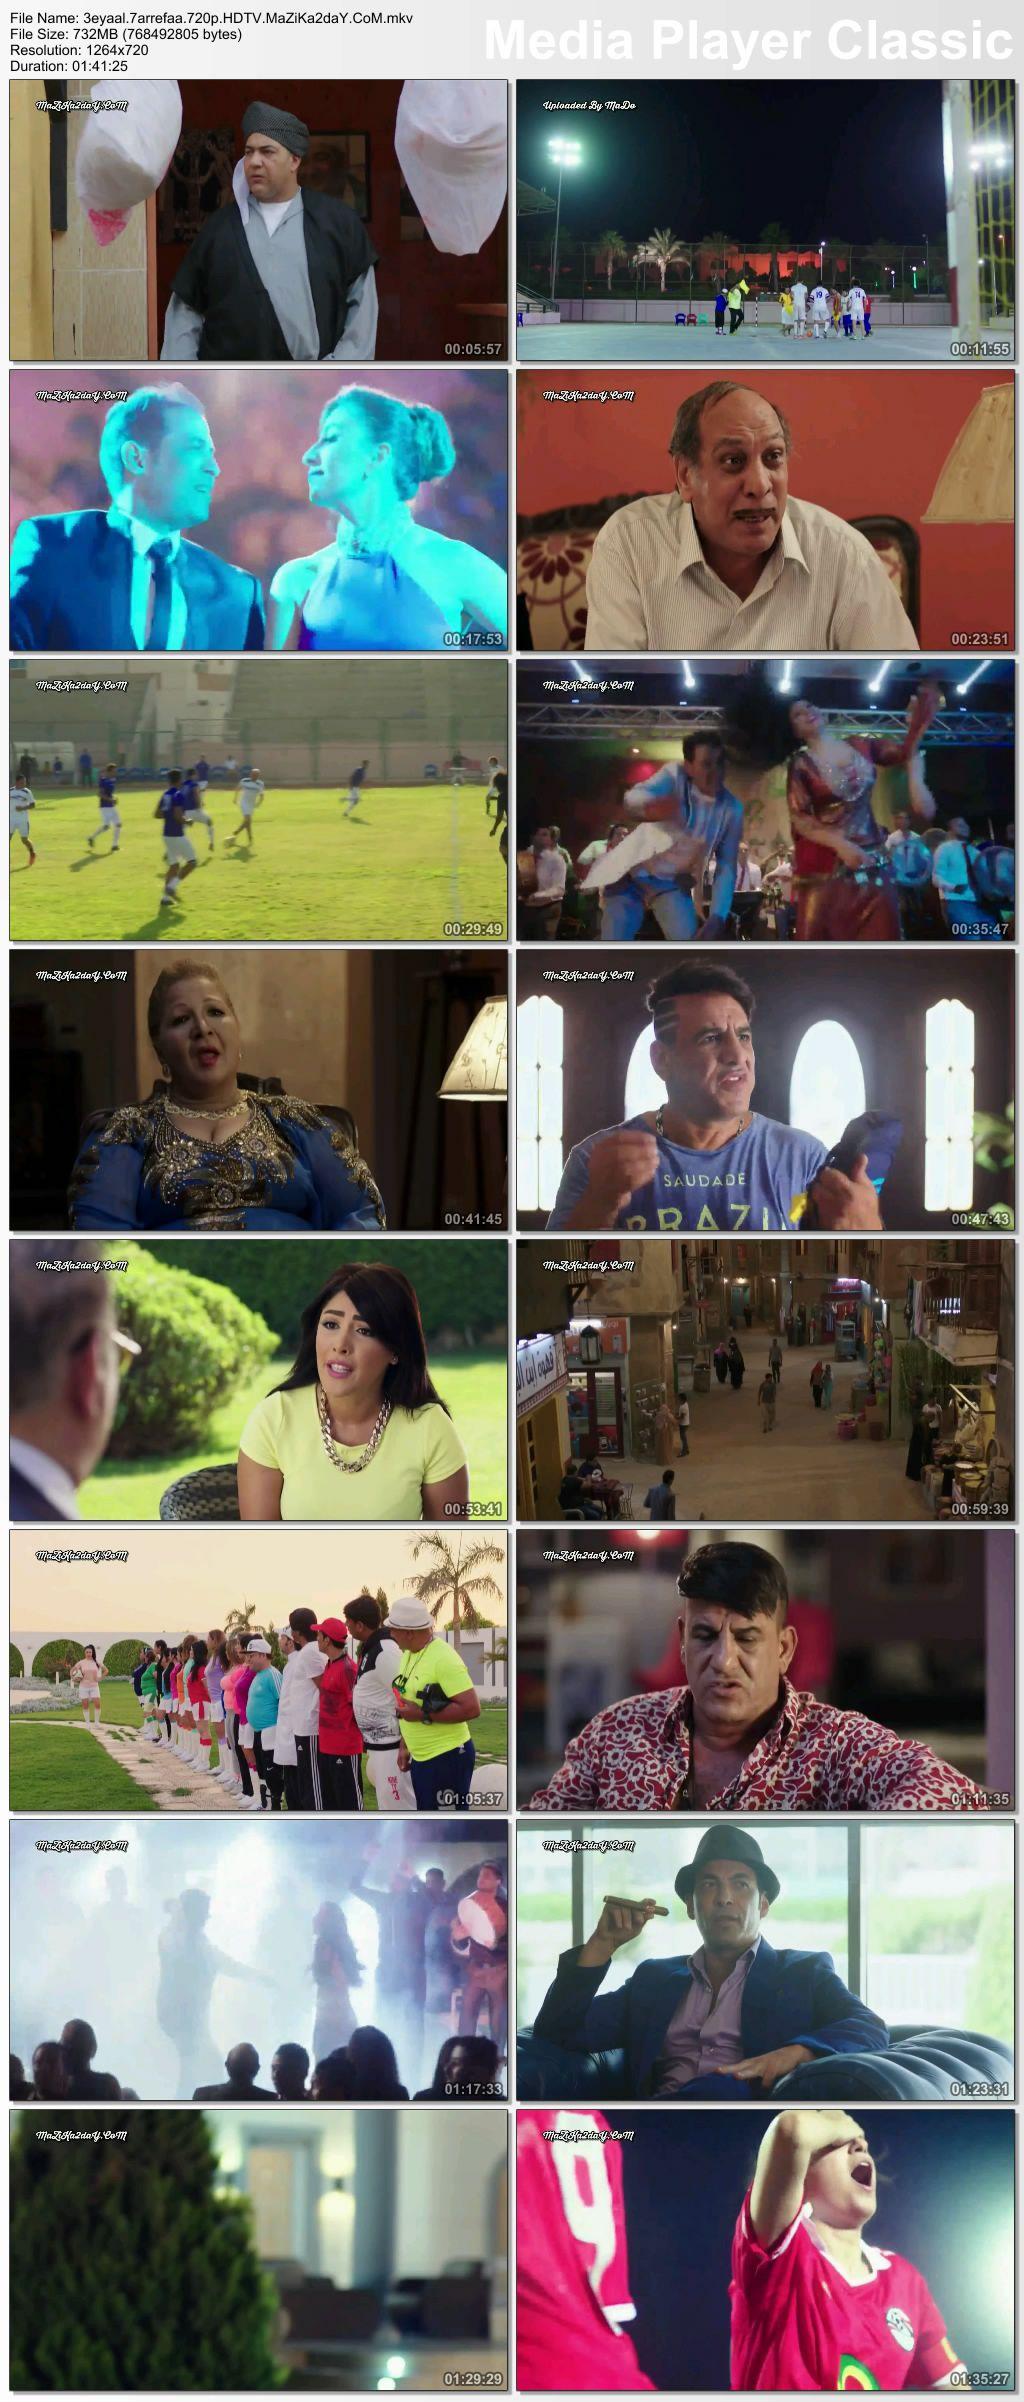 فيلم عيال حريفه بطولة صافيناز وبوسي ومحمد لطفي نسخه 720p HDTV تحميل مباشر FnSGrH